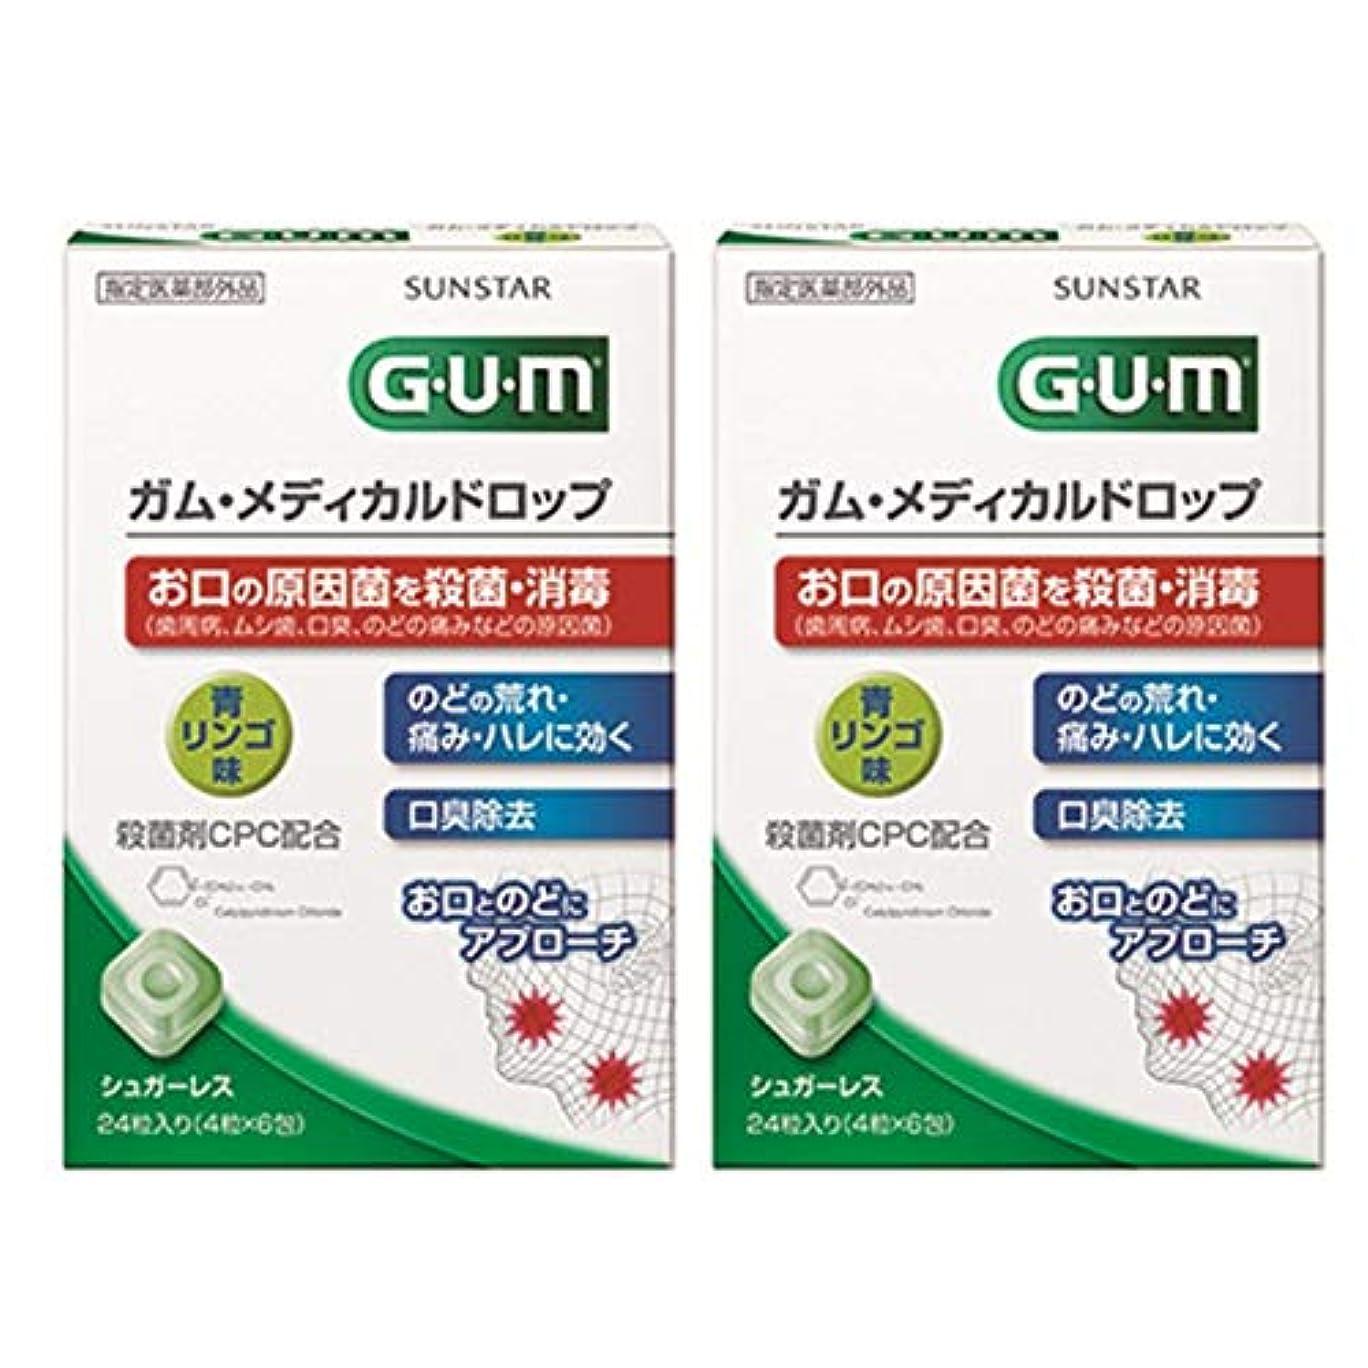 キャンプ安全な趣味[指定医薬部外品] GUM(ガム) メディカルドロップ 青リンゴ味 2個パック <口臭除去?のどの荒れ、痛み、ハレ対策>